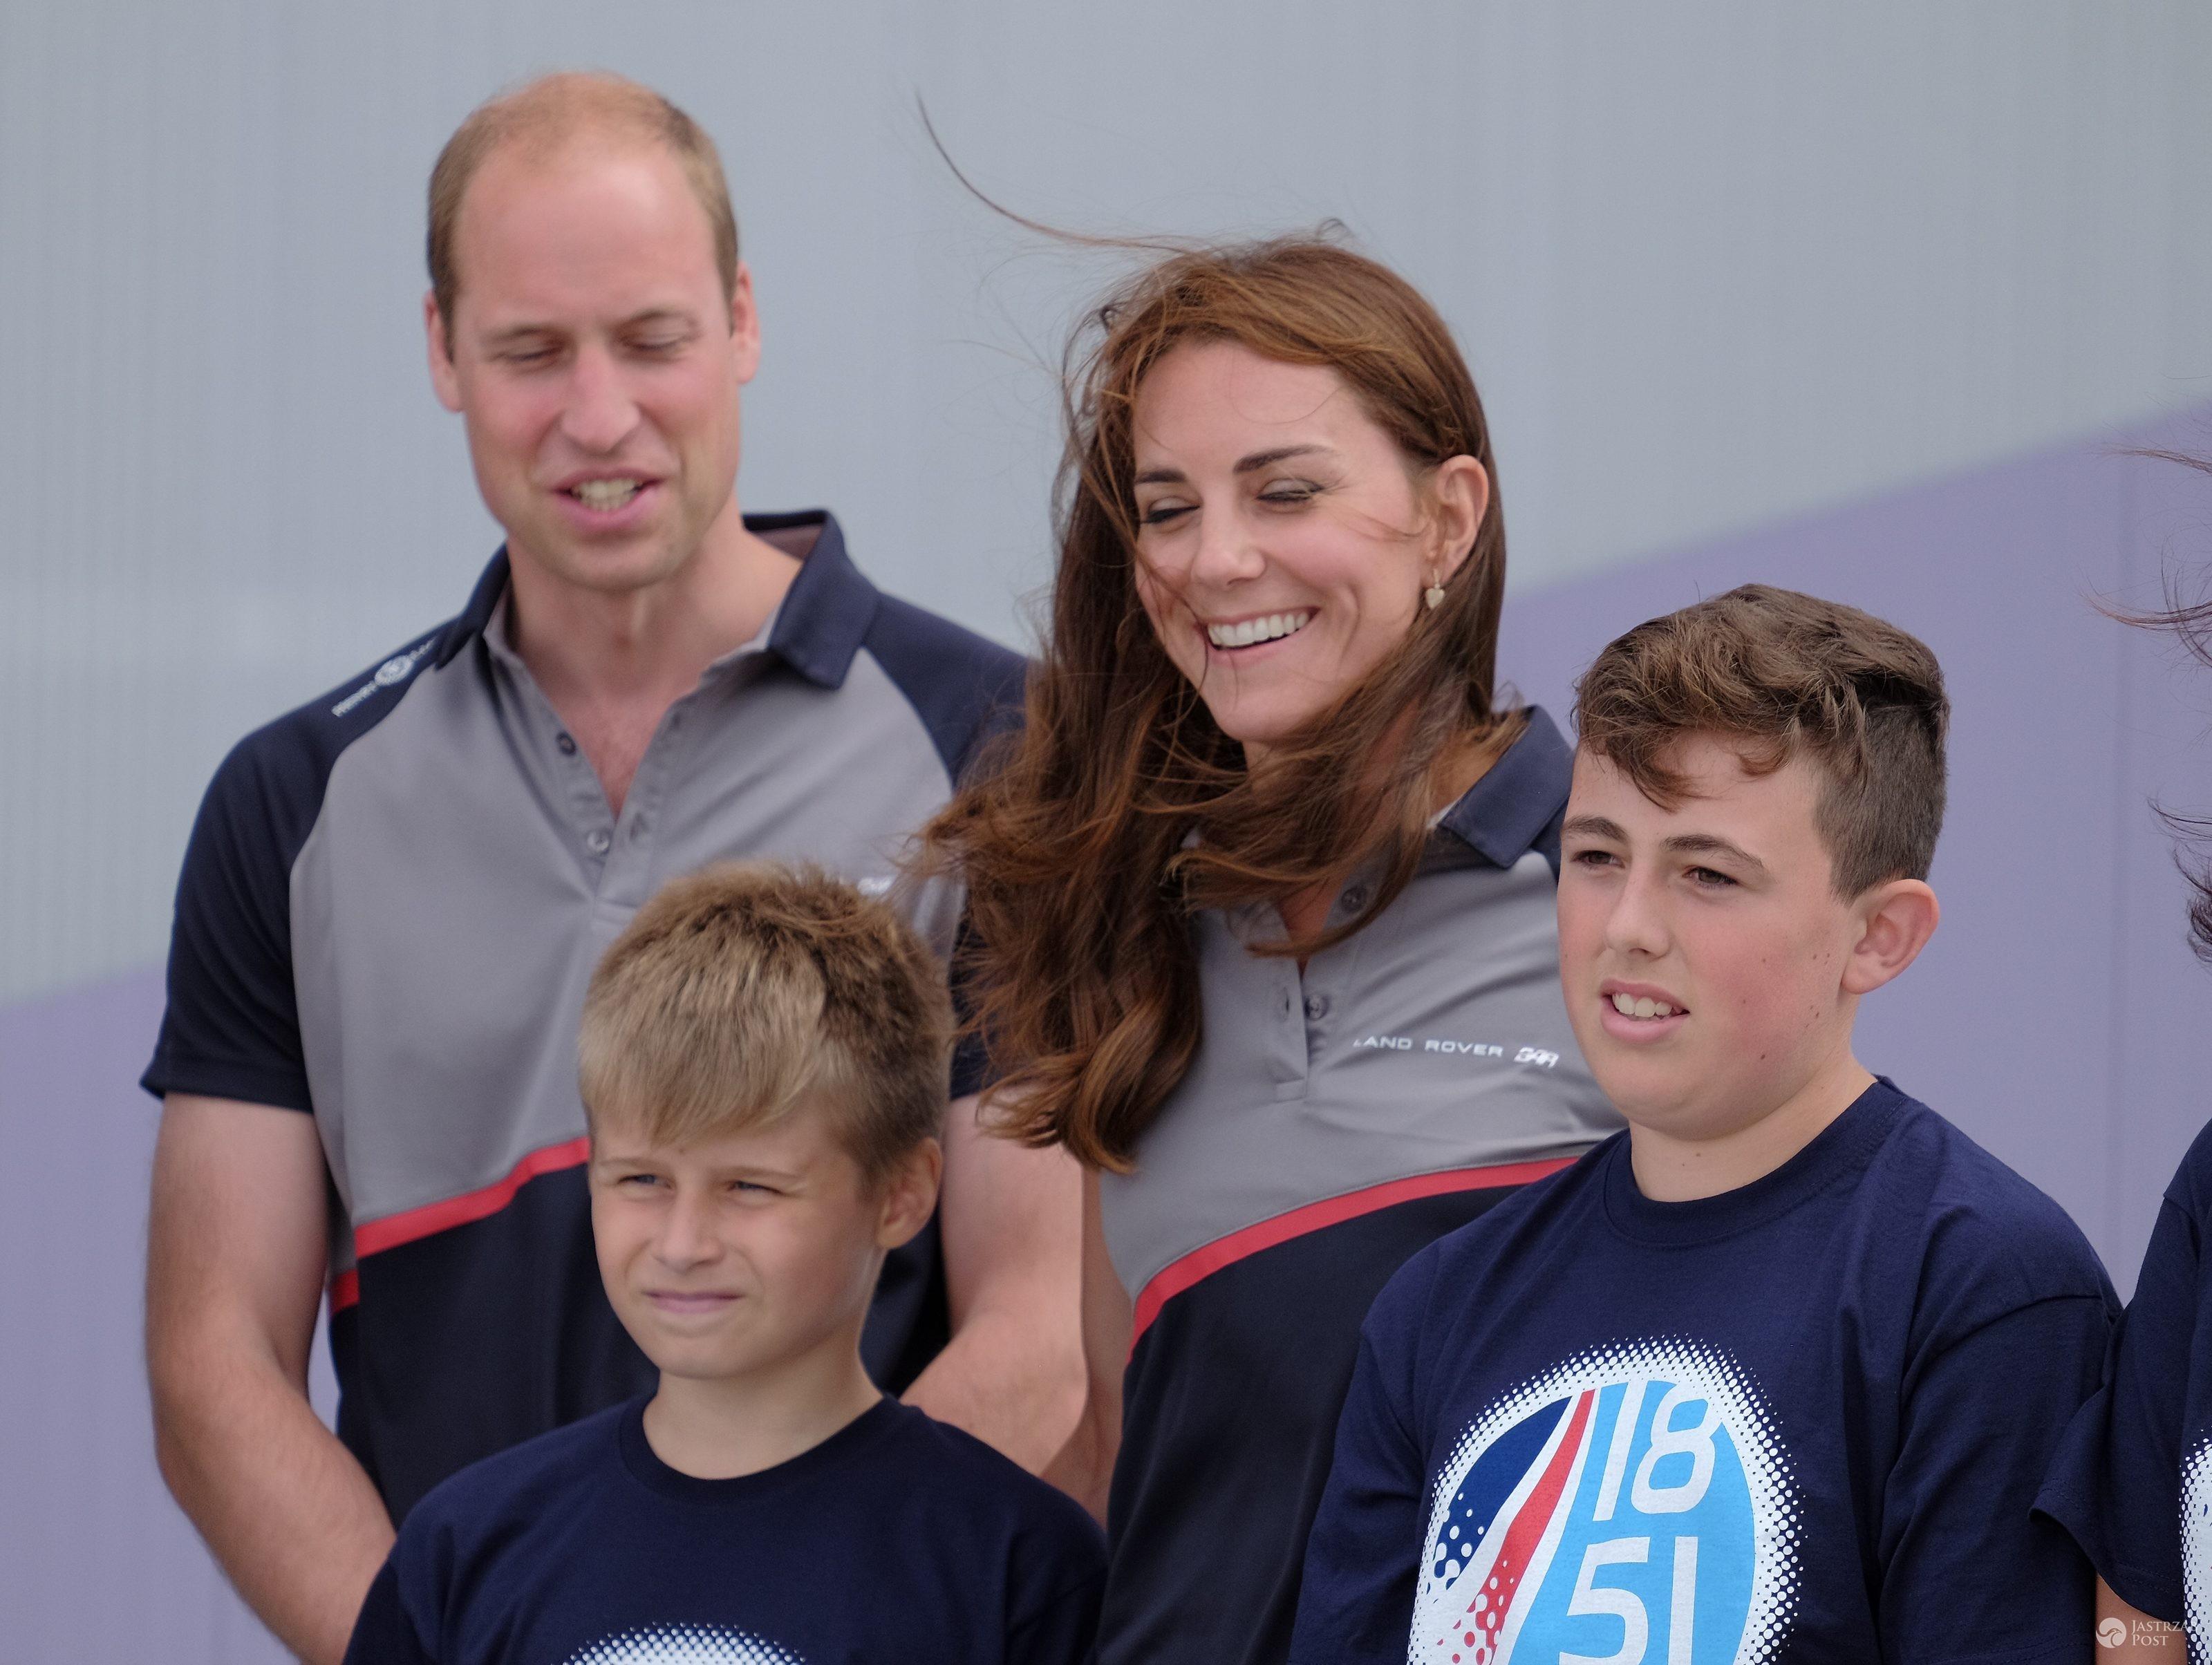 Książę William i księżna Kate na zawodach America's Cup w Portsmouth (fot. ONS)